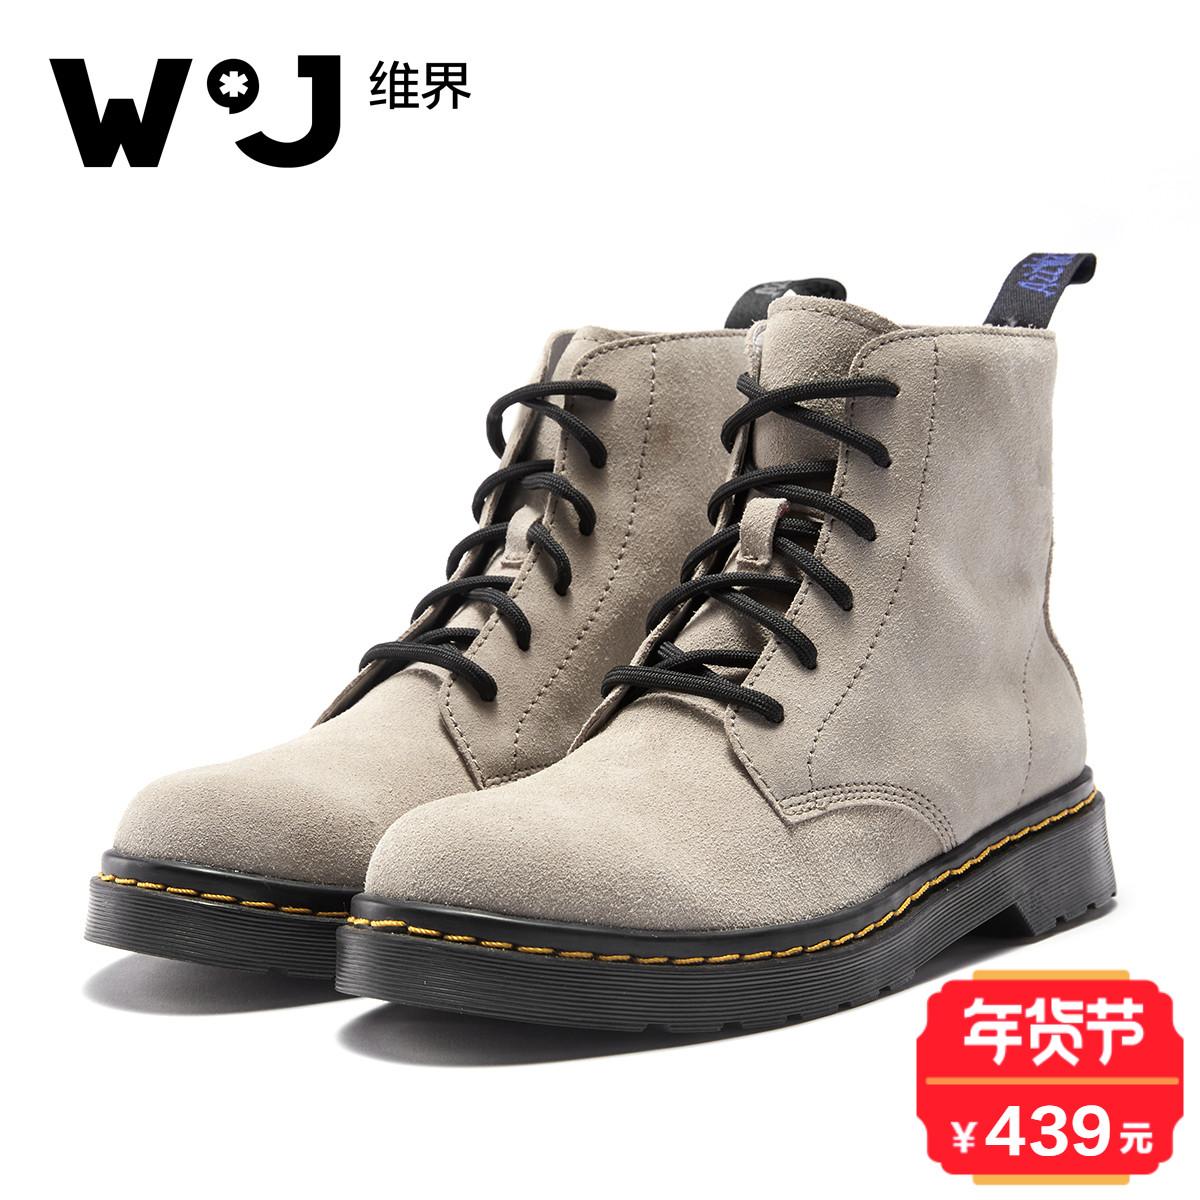 维界2017冬季新款男鞋英伦牛反绒时尚潮流马丁靴个性百搭休闲短靴